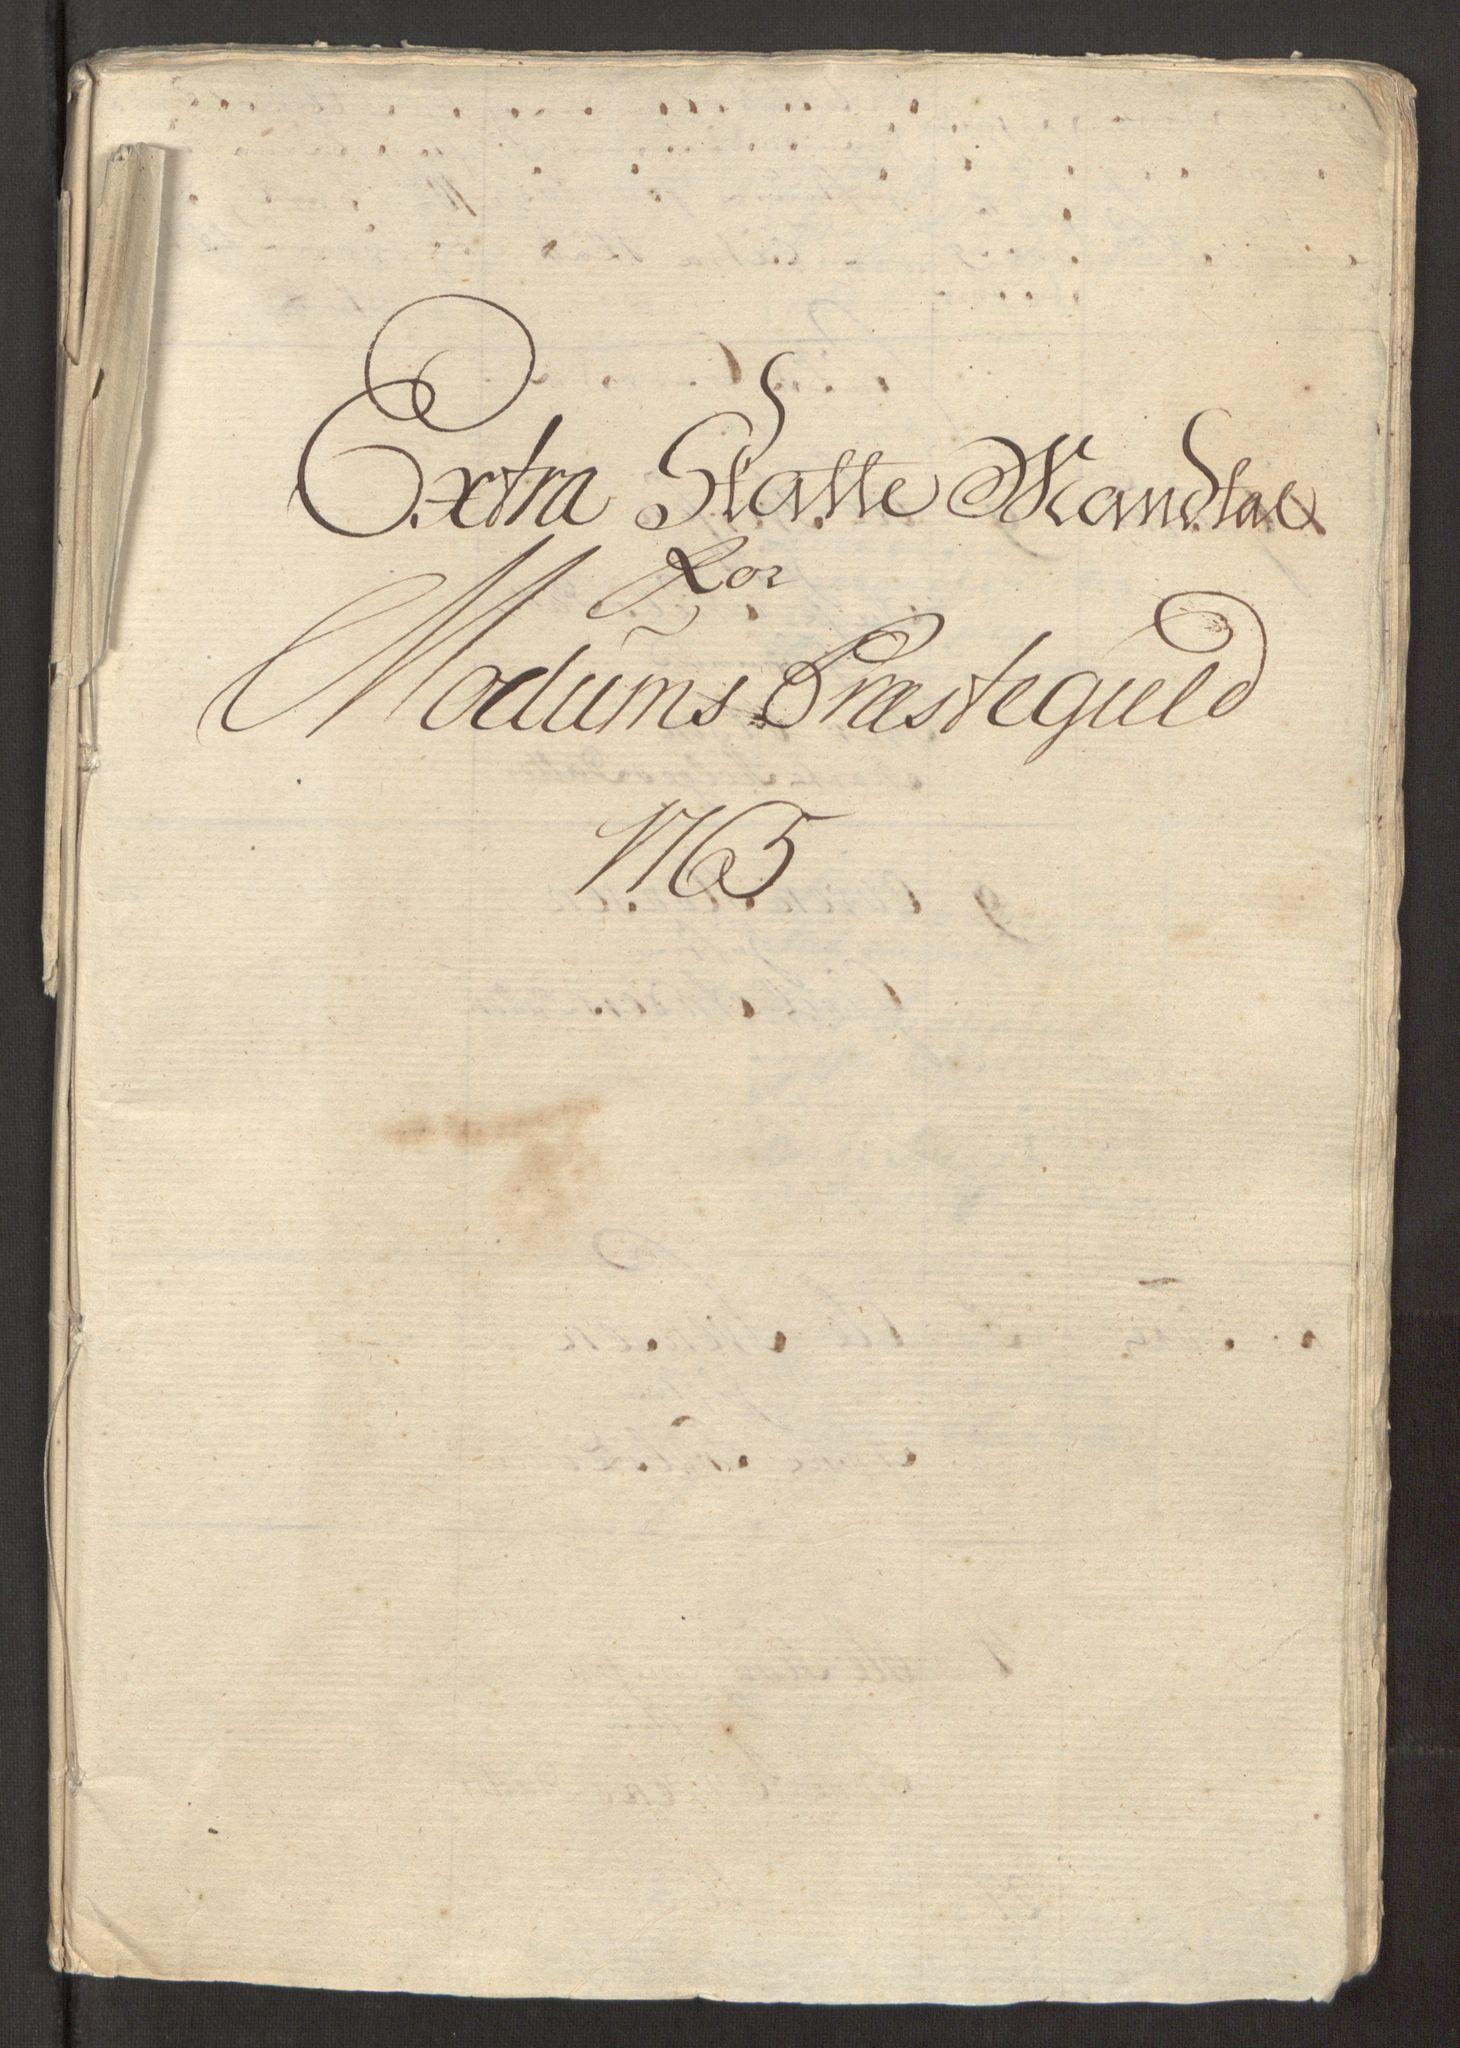 RA, Rentekammeret inntil 1814, Reviderte regnskaper, Fogderegnskap, R31/L1834: Ekstraskatten Hurum, Røyken, Eiker, Lier og Buskerud, 1765, s. 241